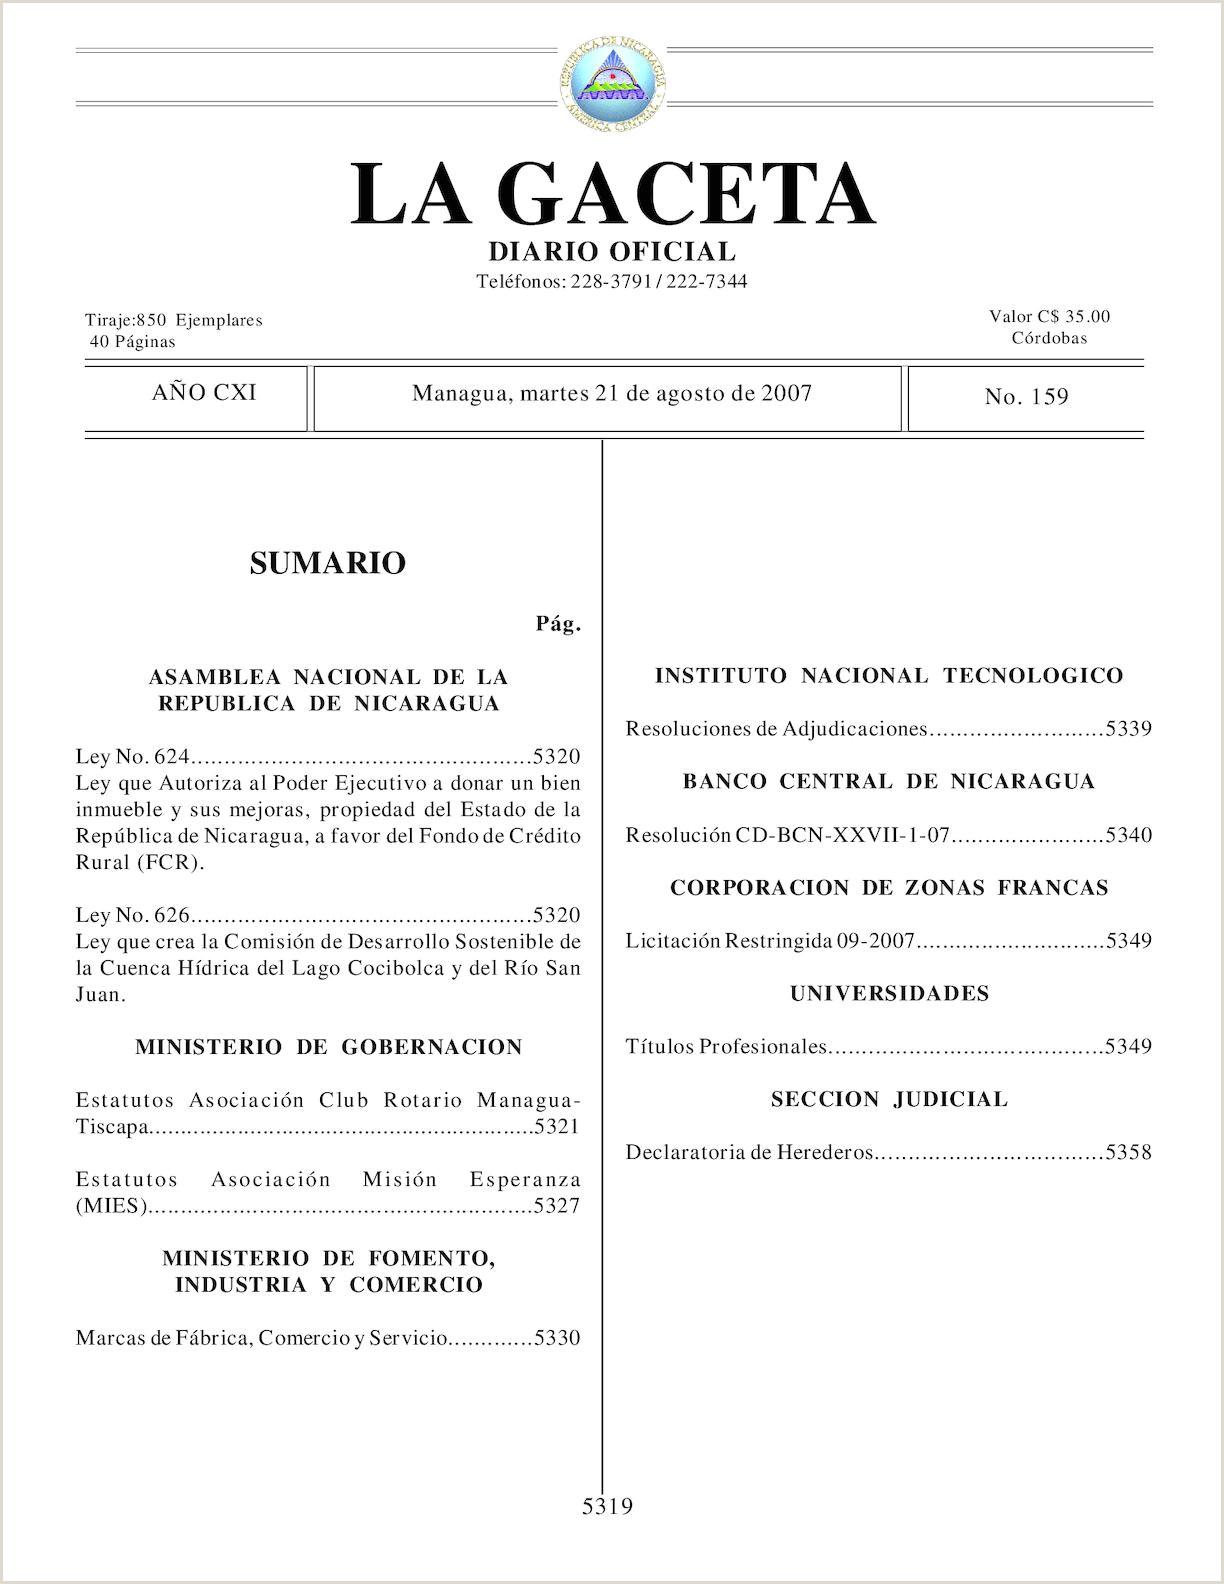 Formato Hoja De Vida Minerva 100 Para Diligenciar Calaméo 21 Agosto 2007 G159